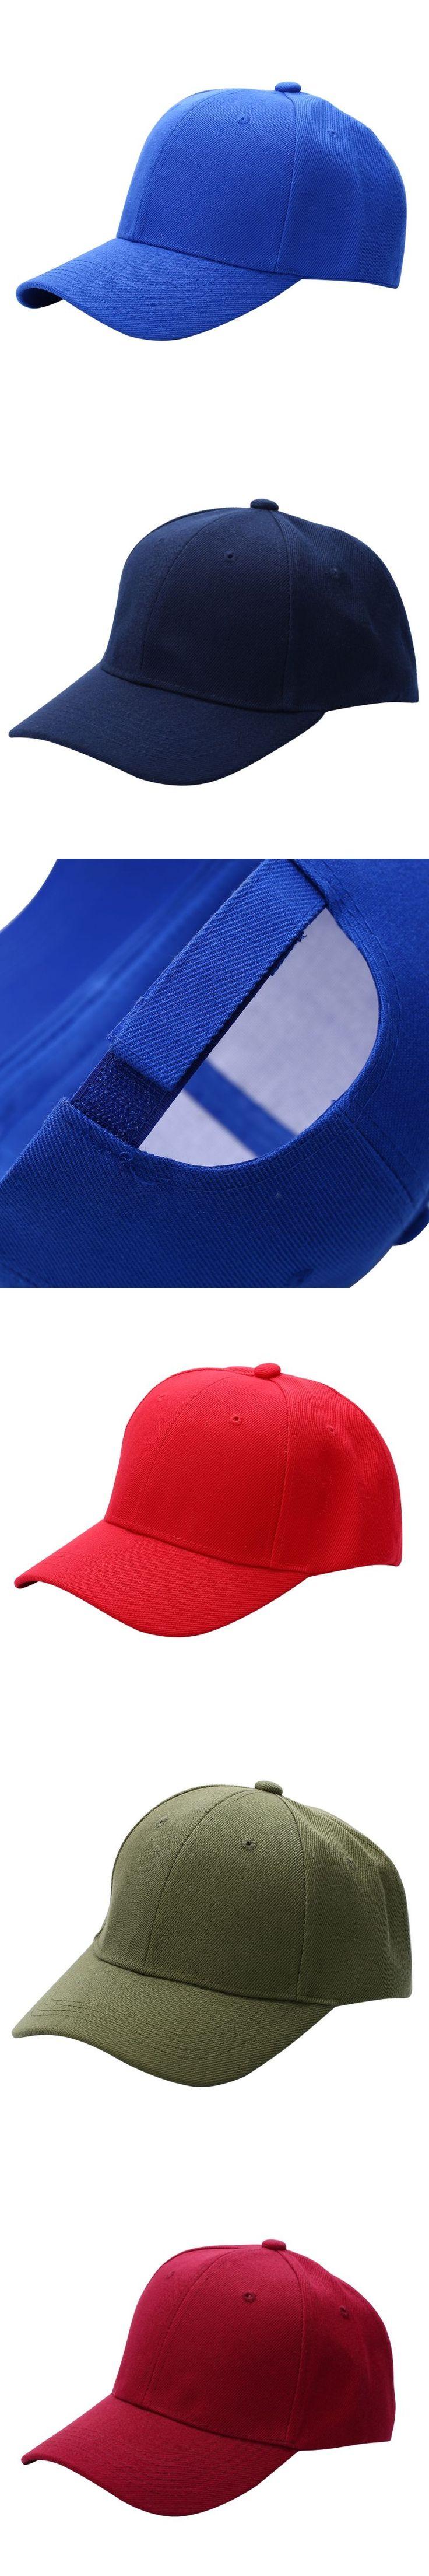 Men Women Plain Baseball Cap Unisex Curved Visor Hat Hip-Hop Adjustable Peaked Hat Visor Caps Solid Color H9